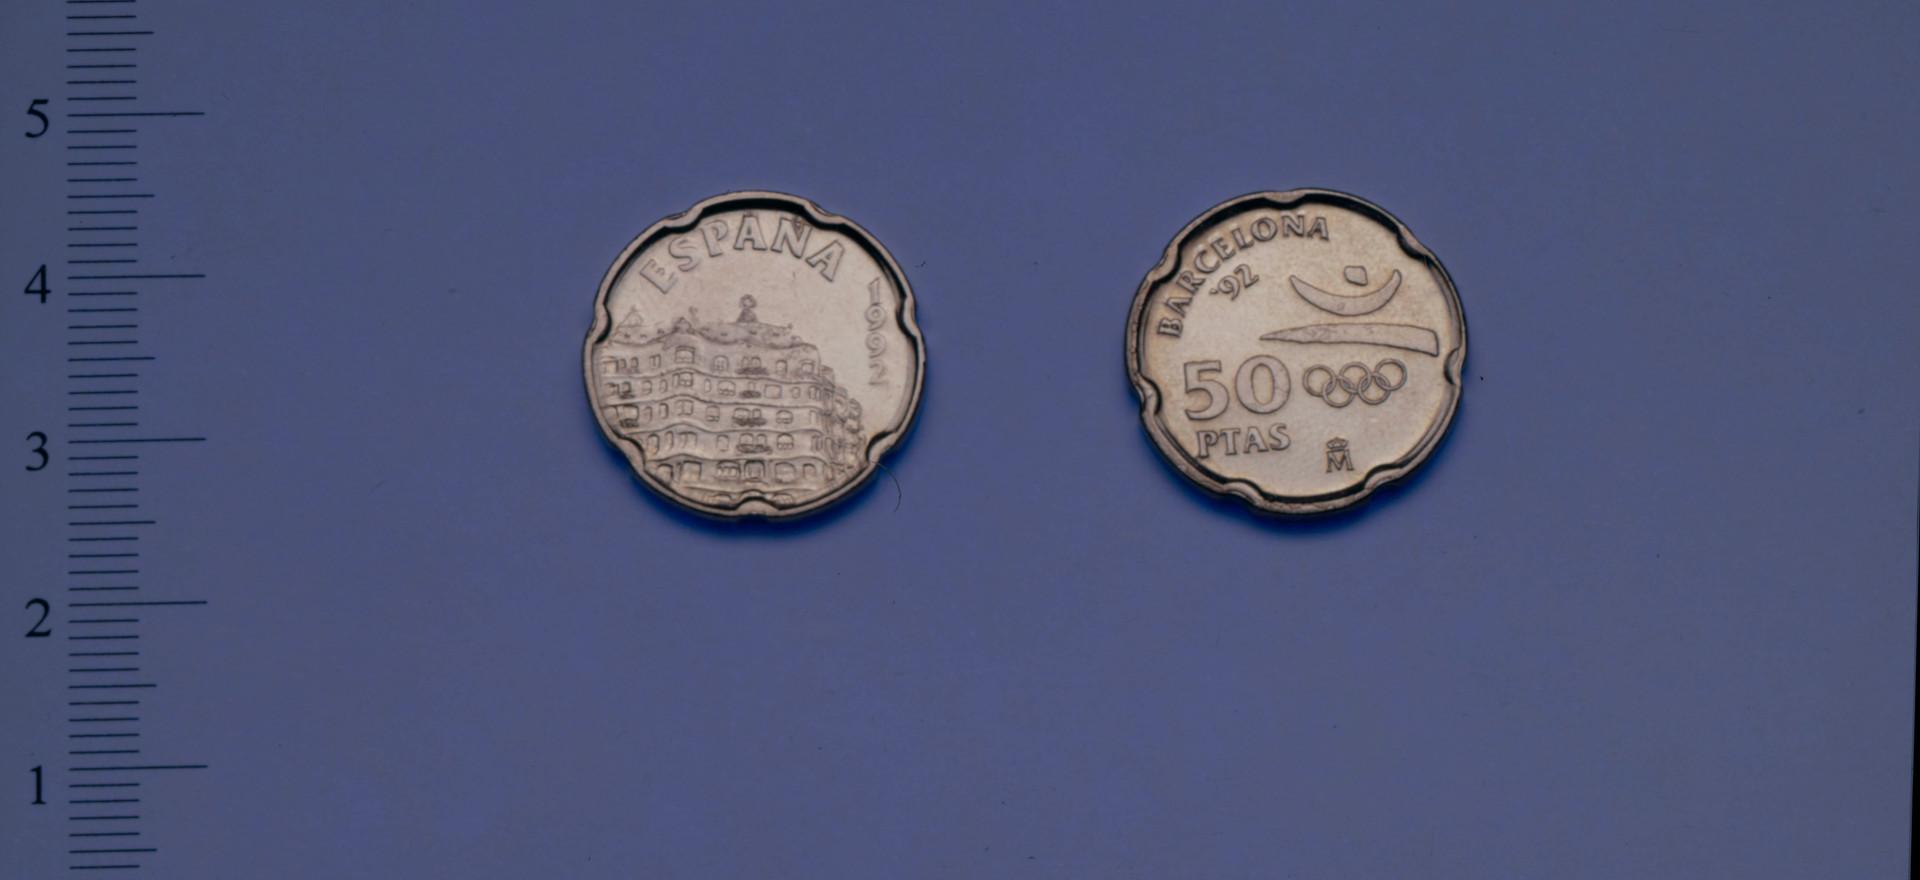 Cuadro_n_19_Moneda circulada 1992_0004.j